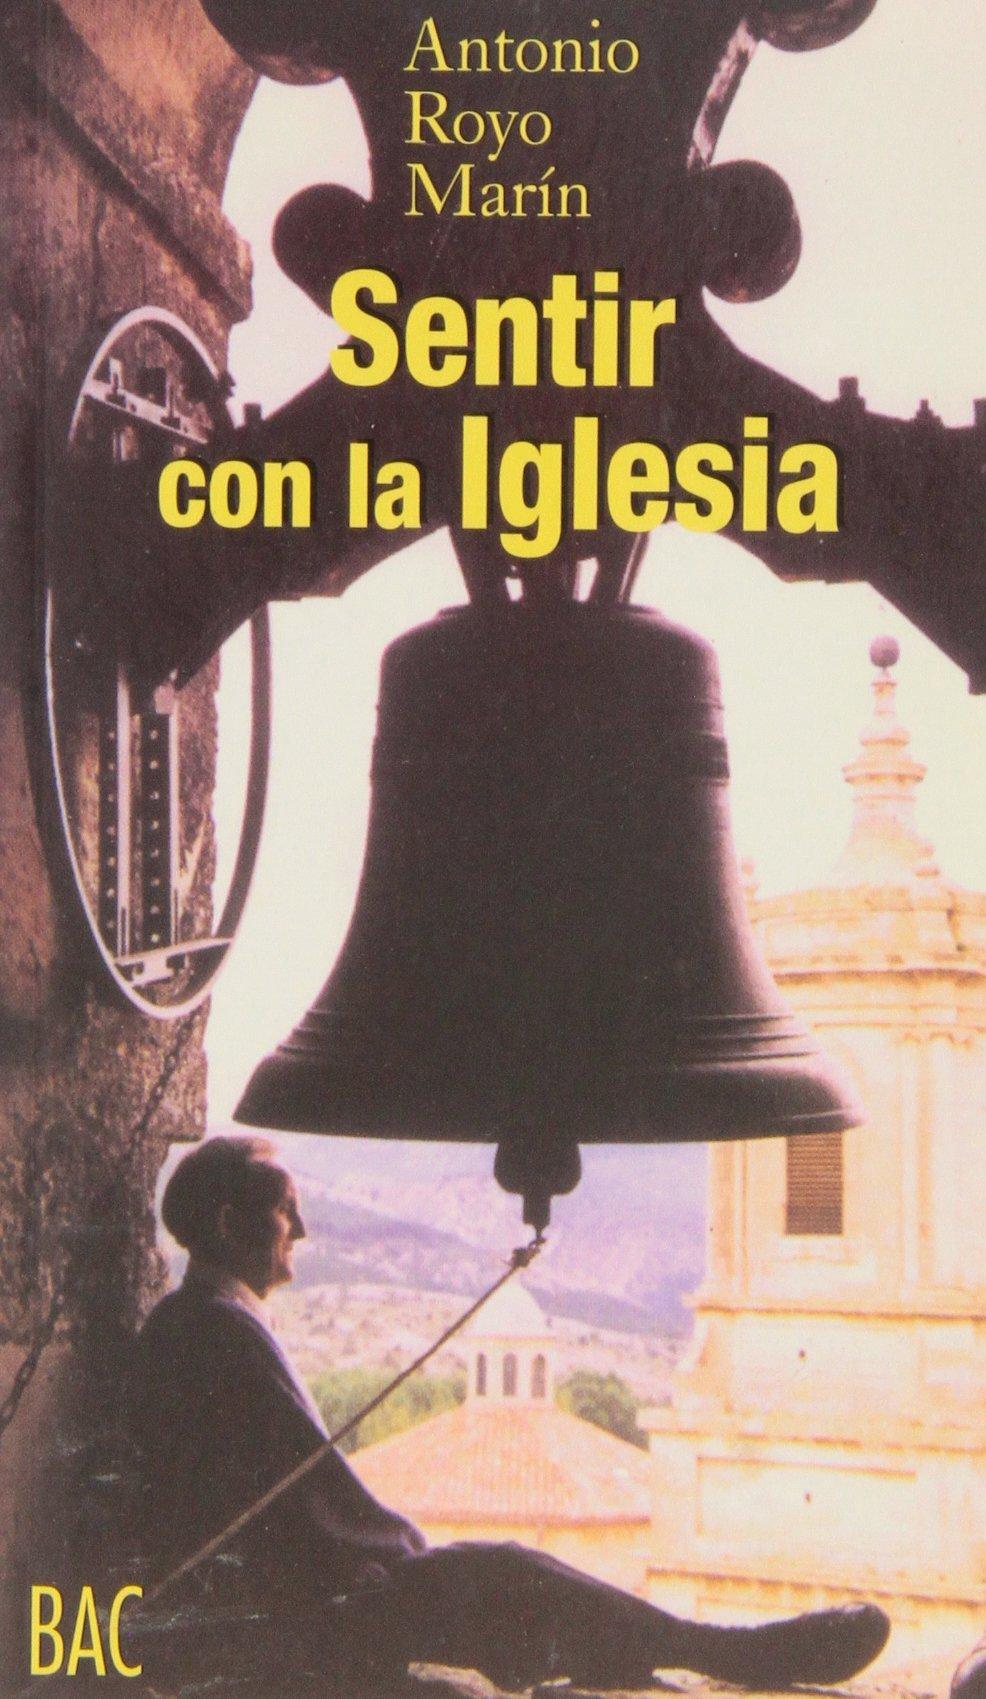 La Iglesia de Cristo y la salvación eterna FUERA DE COLECCIÓN de Antonio Royo Marín 1 dic 2003 Tapa blanda: Amazon.es: Libros